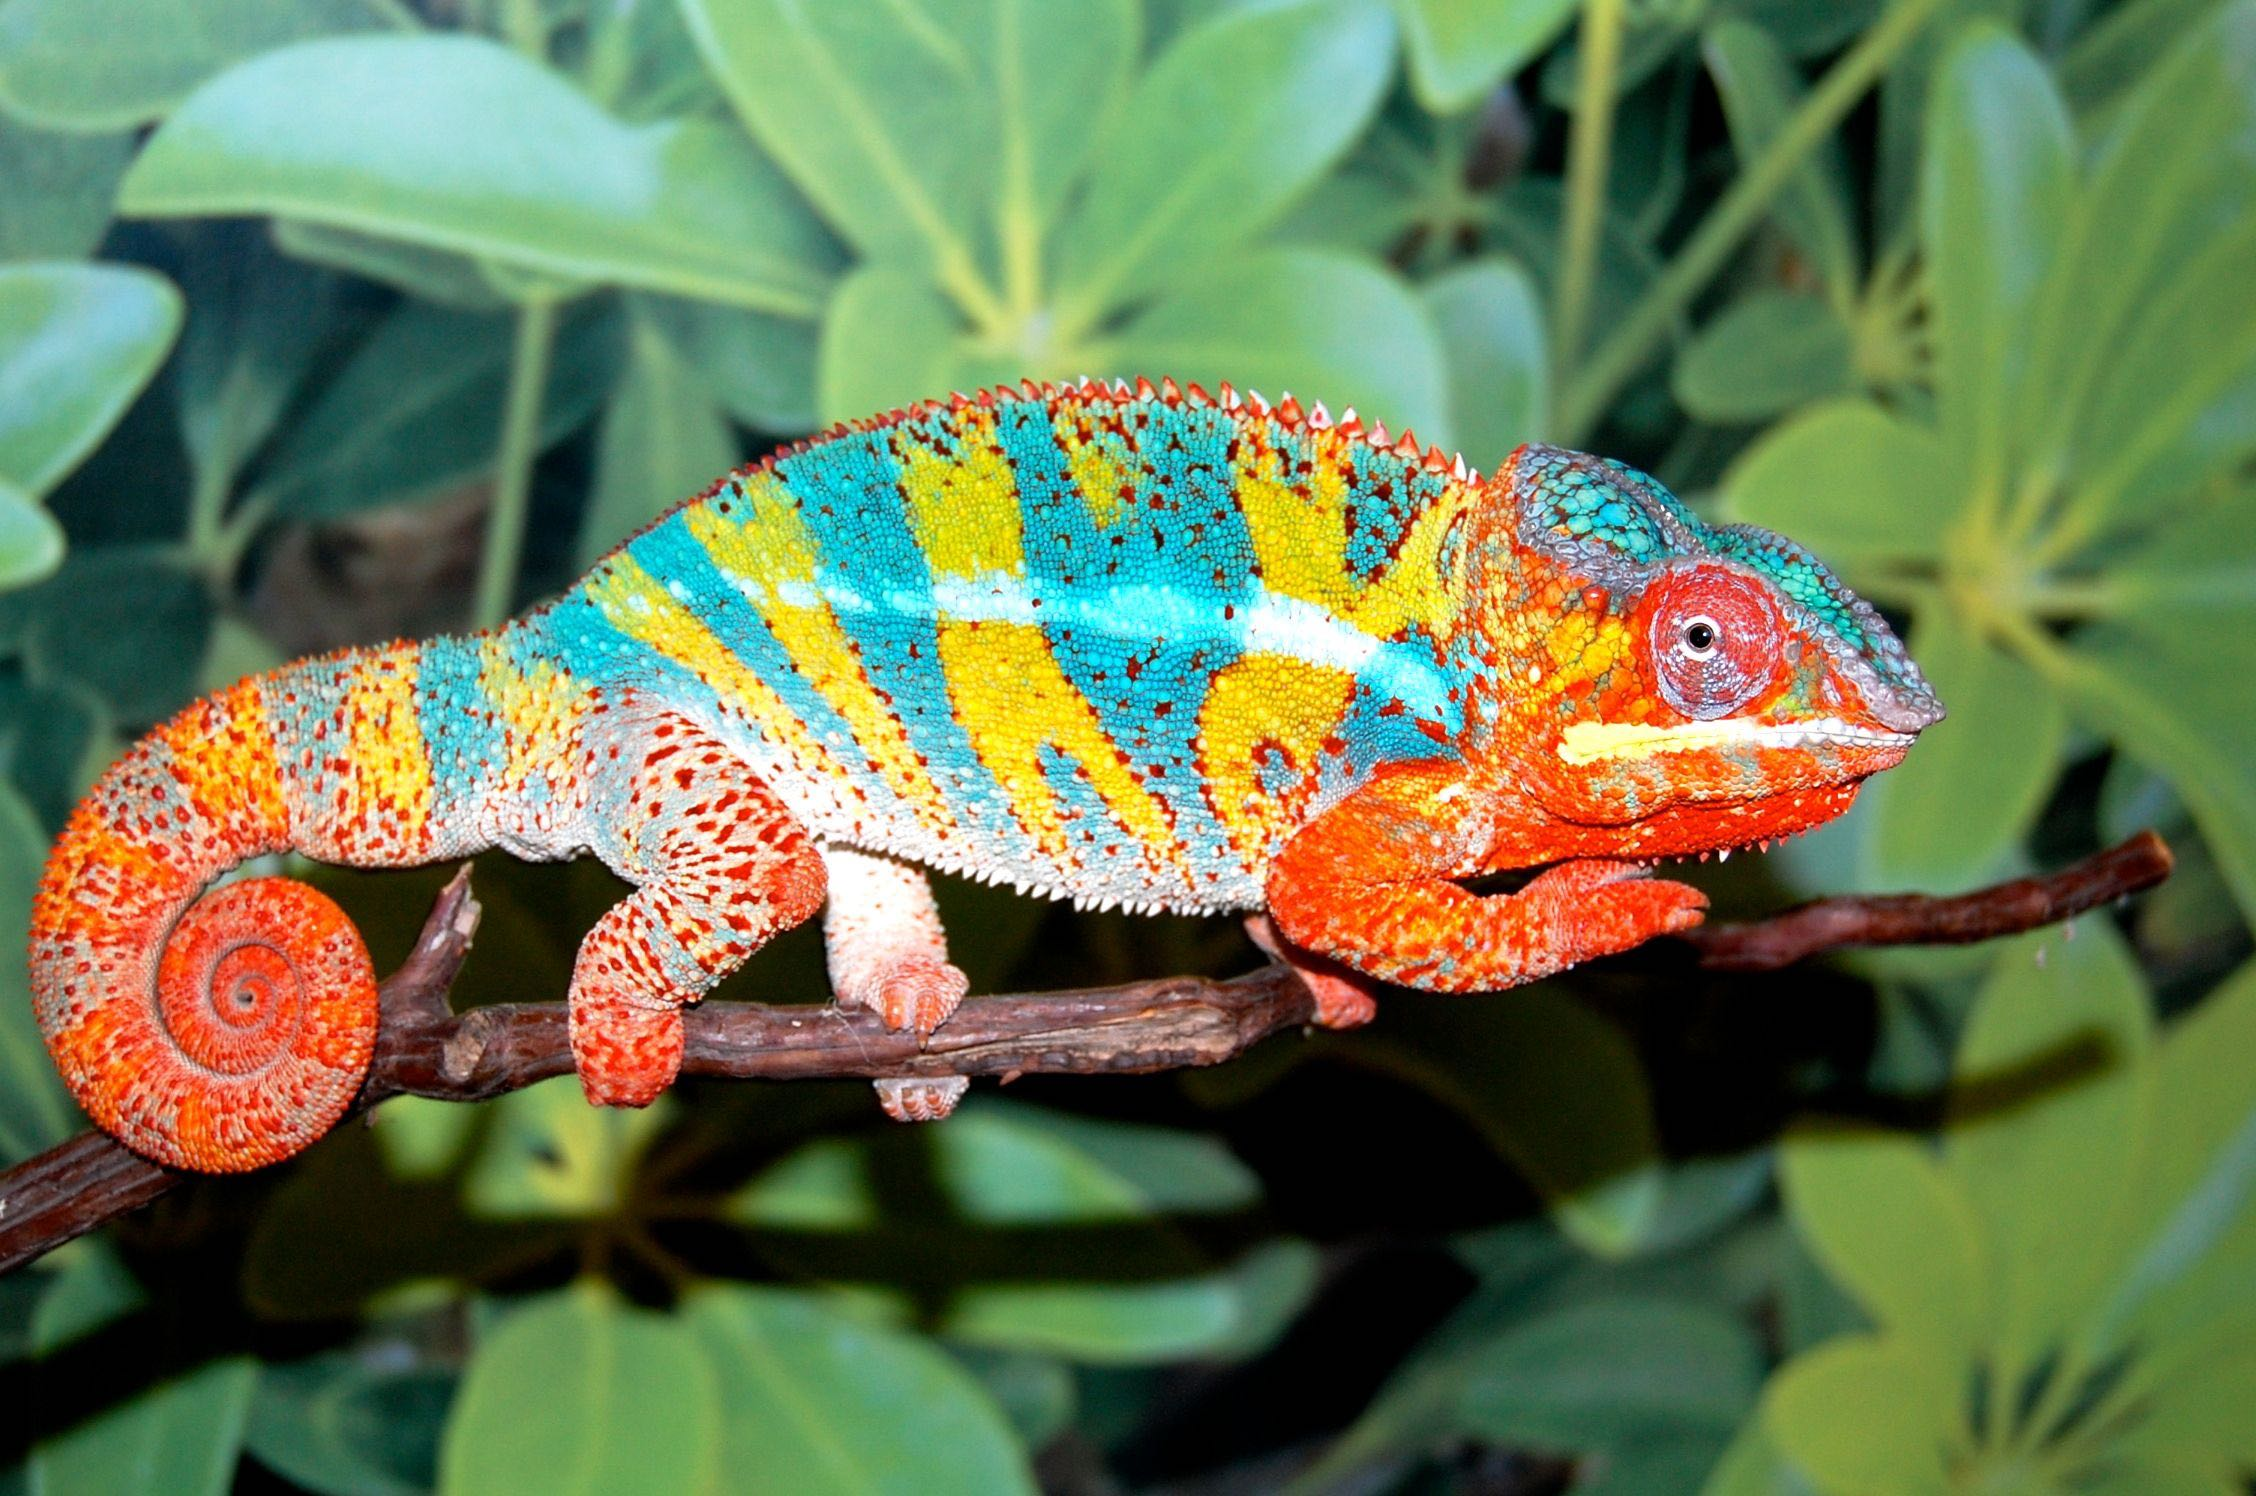 Panther Chameleons For Sale | Buy Panther Chameleons | FL Chams